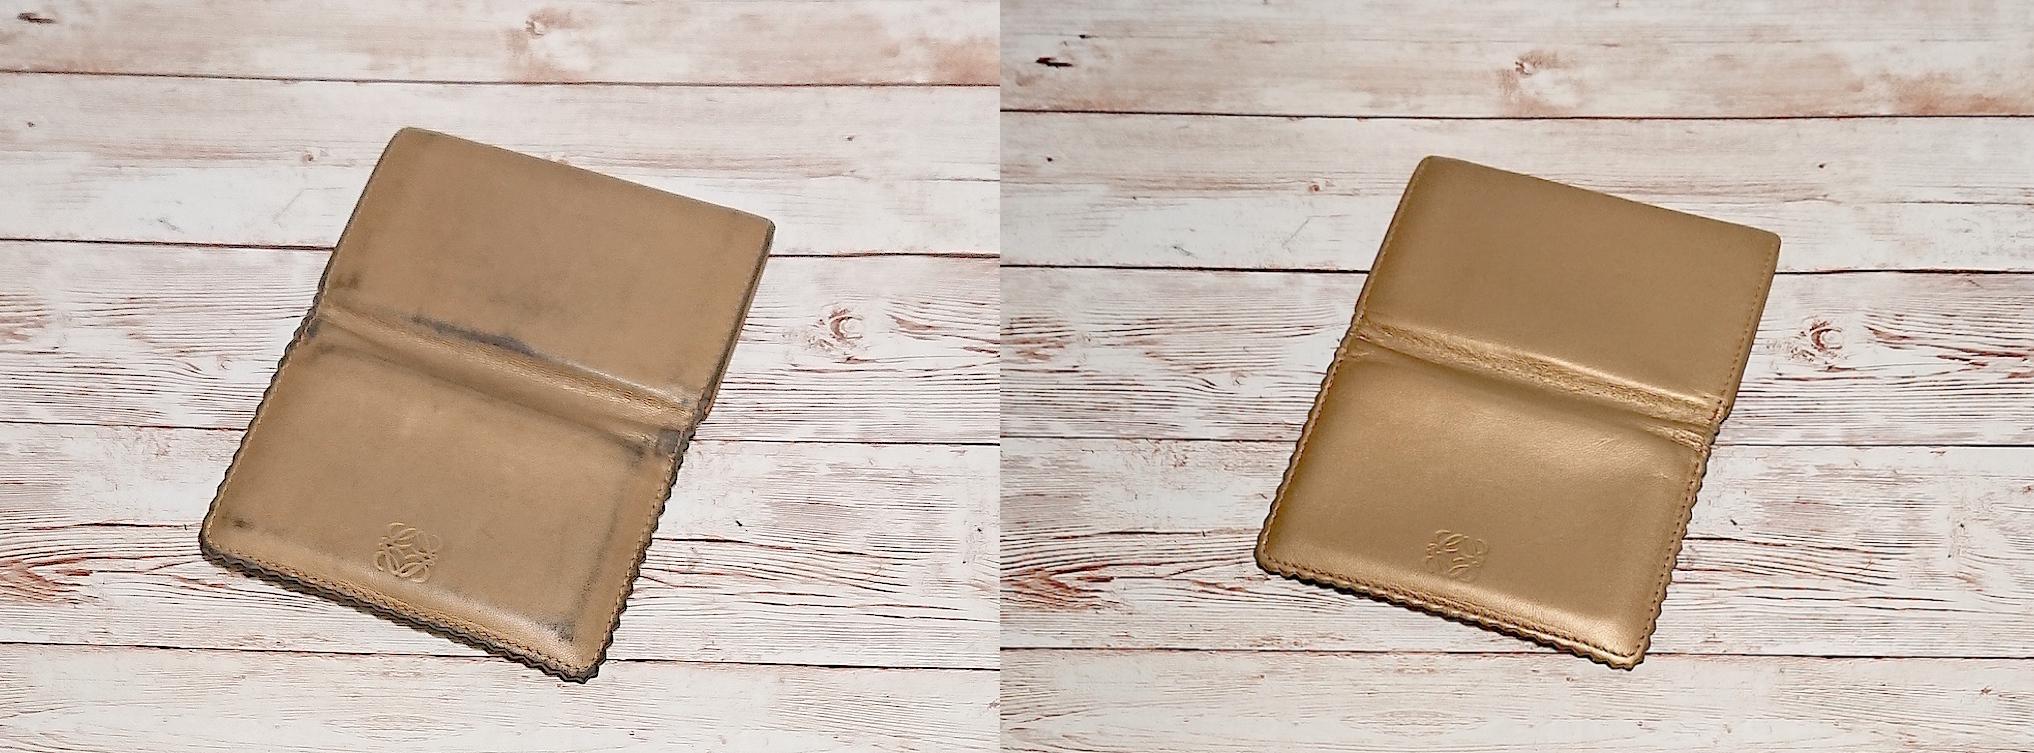 ロエベ(Loewe)のカード入れの色補修をご紹介